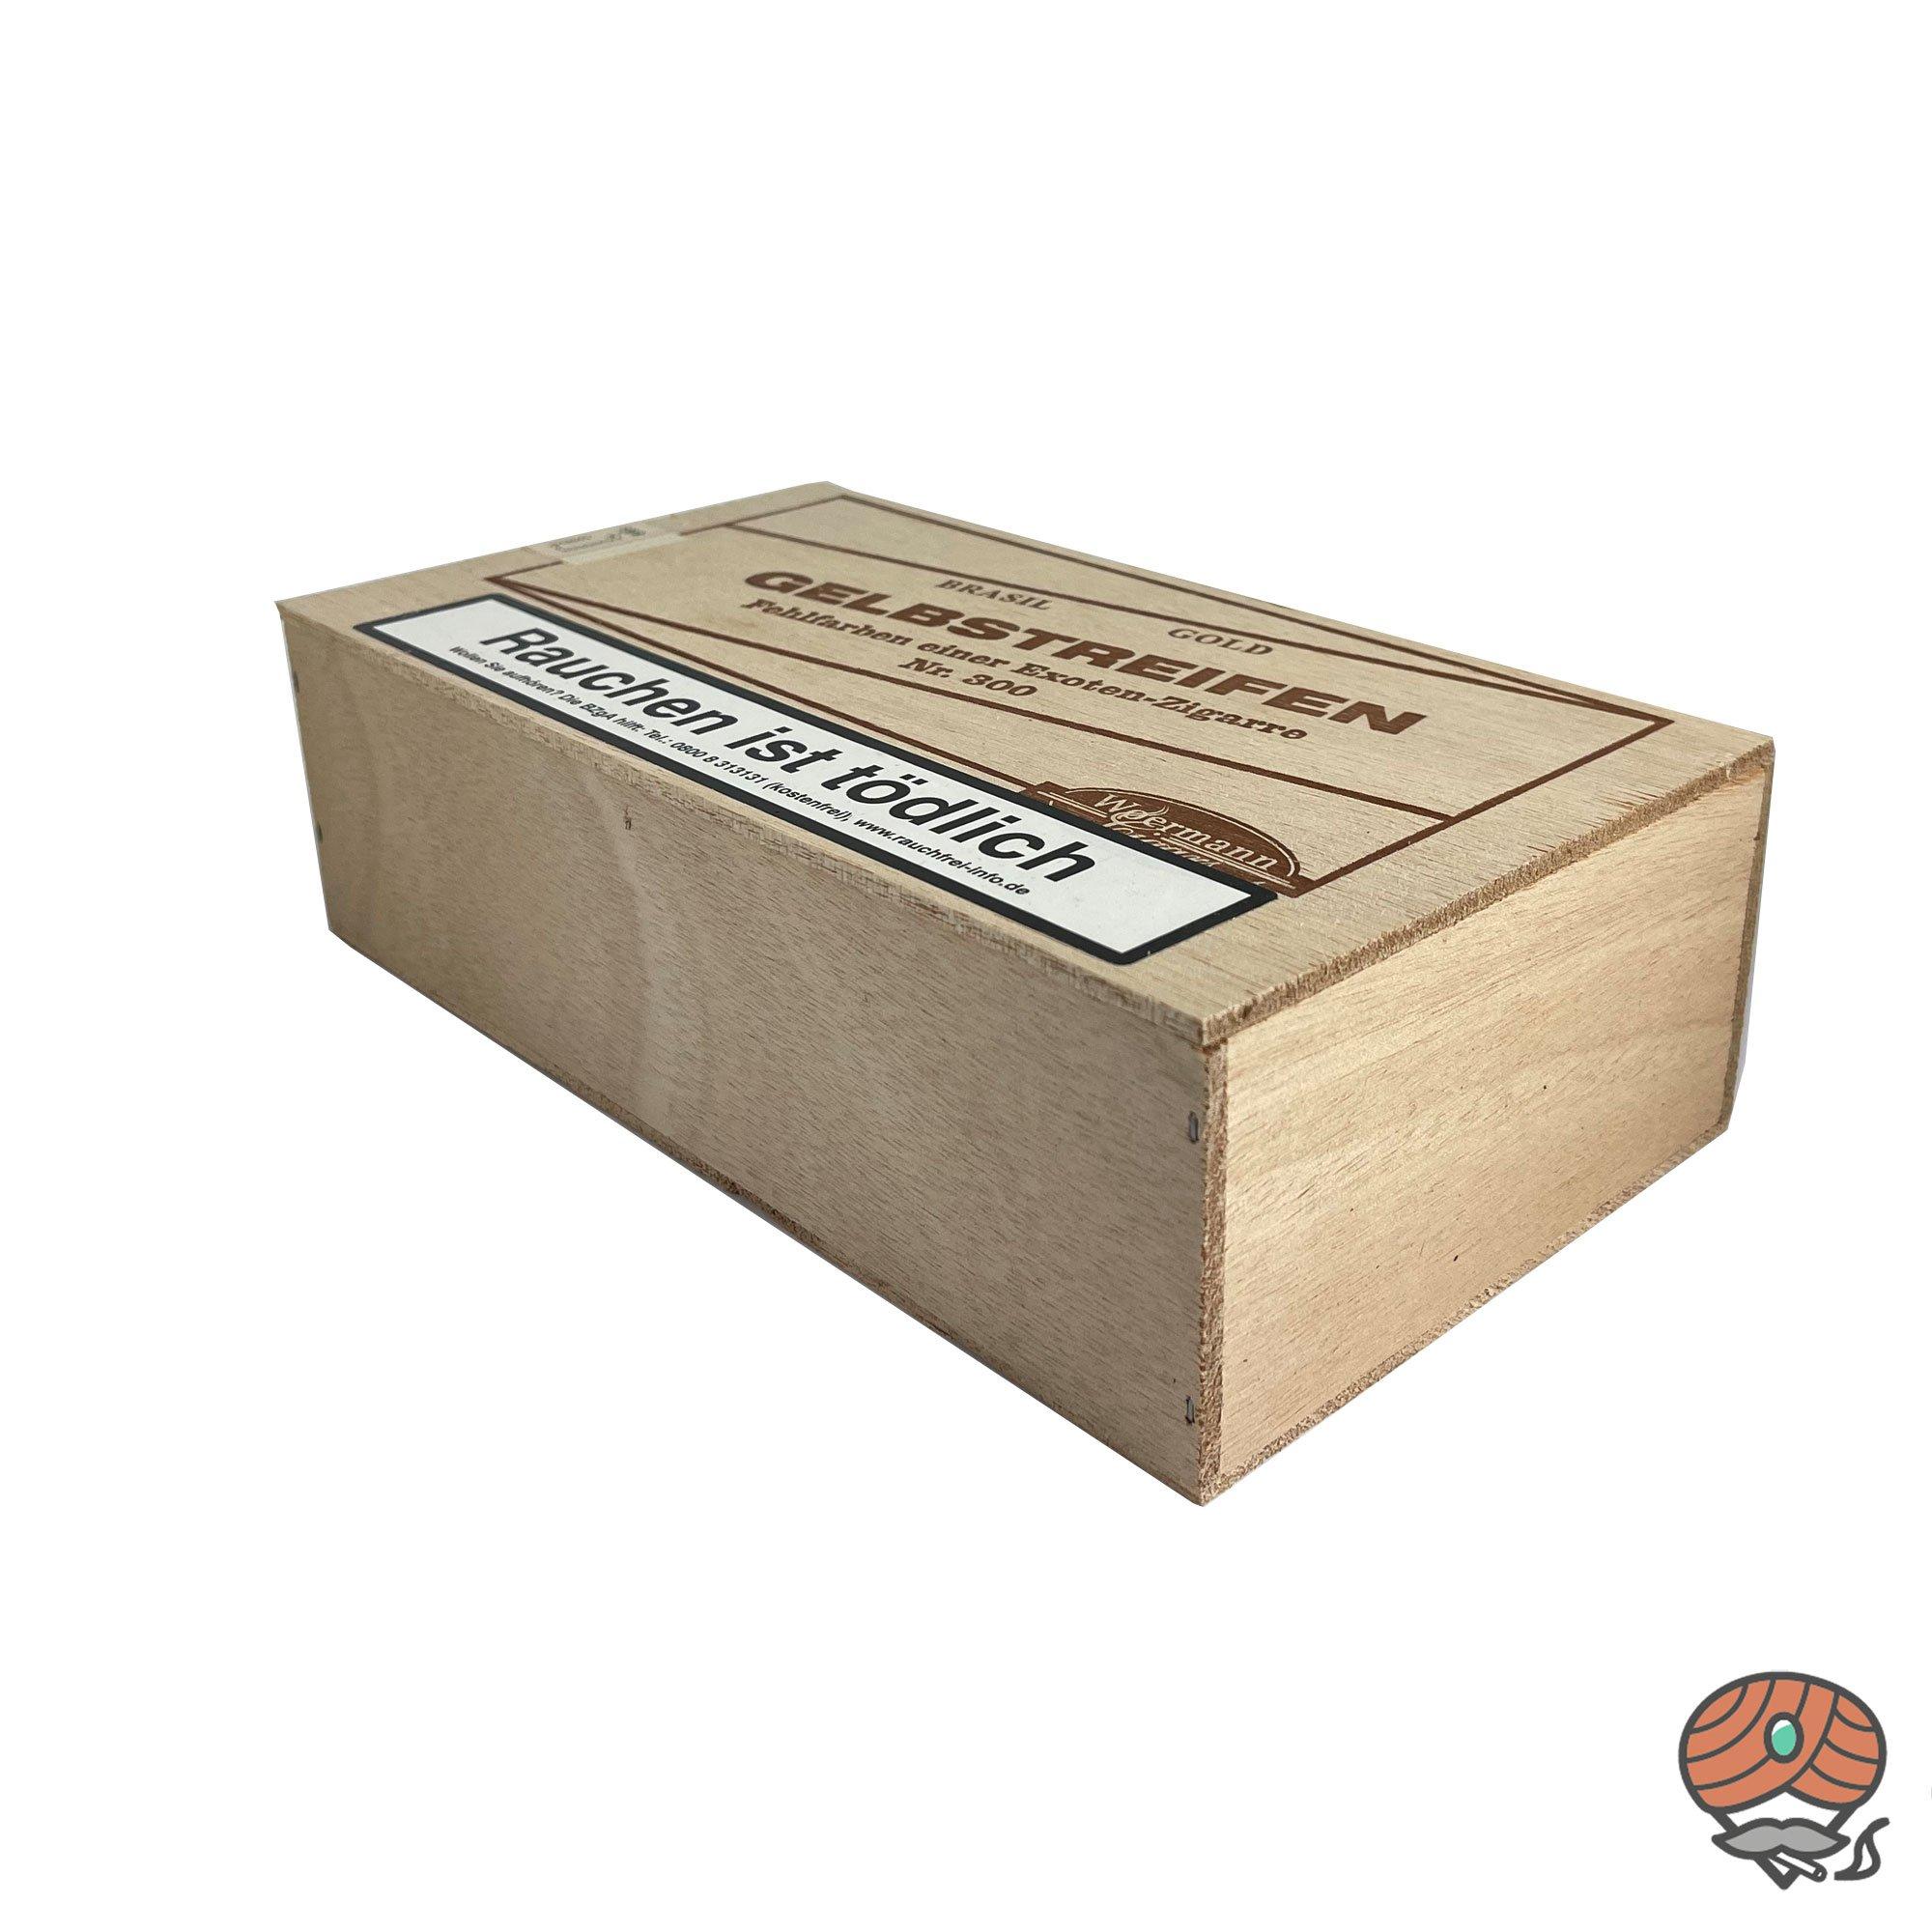 Gelbstreifen Brasil Nr. 300 Fehlfarben Zigarren 25 Stück